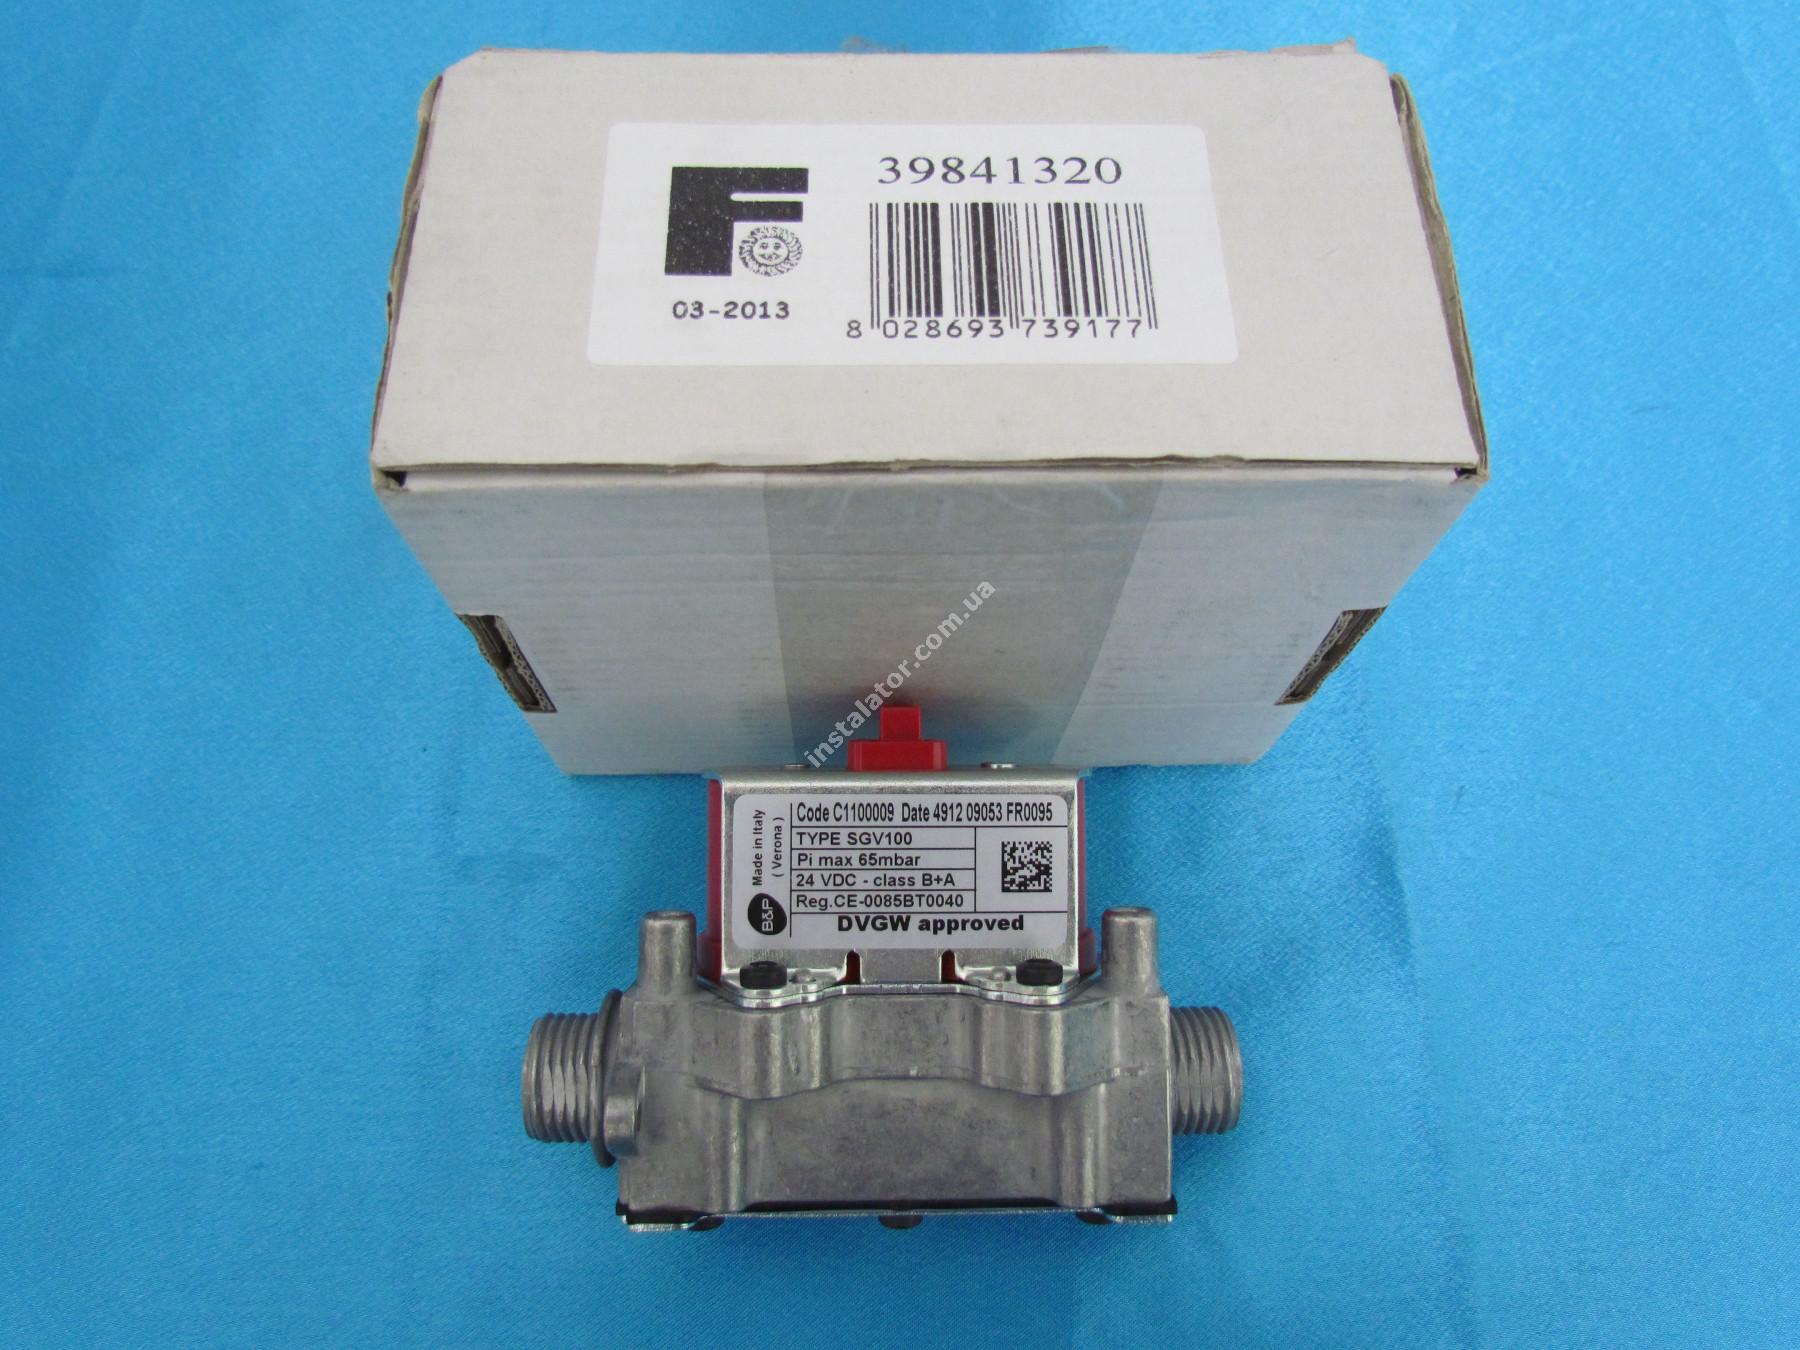 39841320 Газовий клапан Ferroli Domiproject D, Domitech D, FerEasy D 24-32 кВт. full-image-1